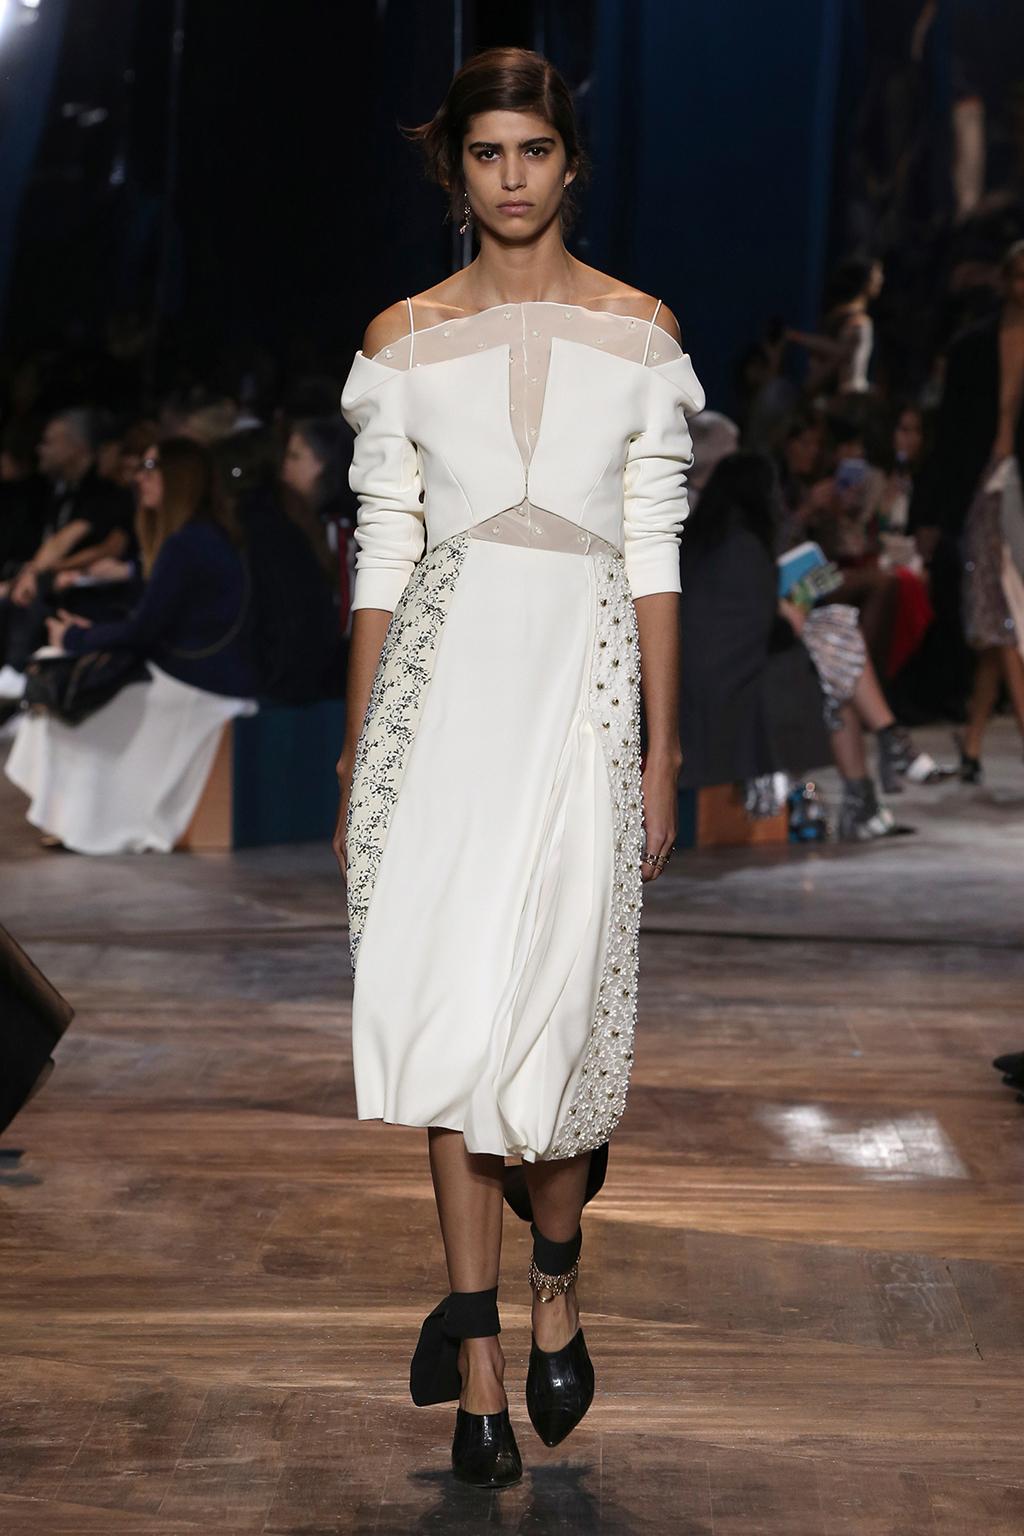 Dior-Couture-Silhouette-07